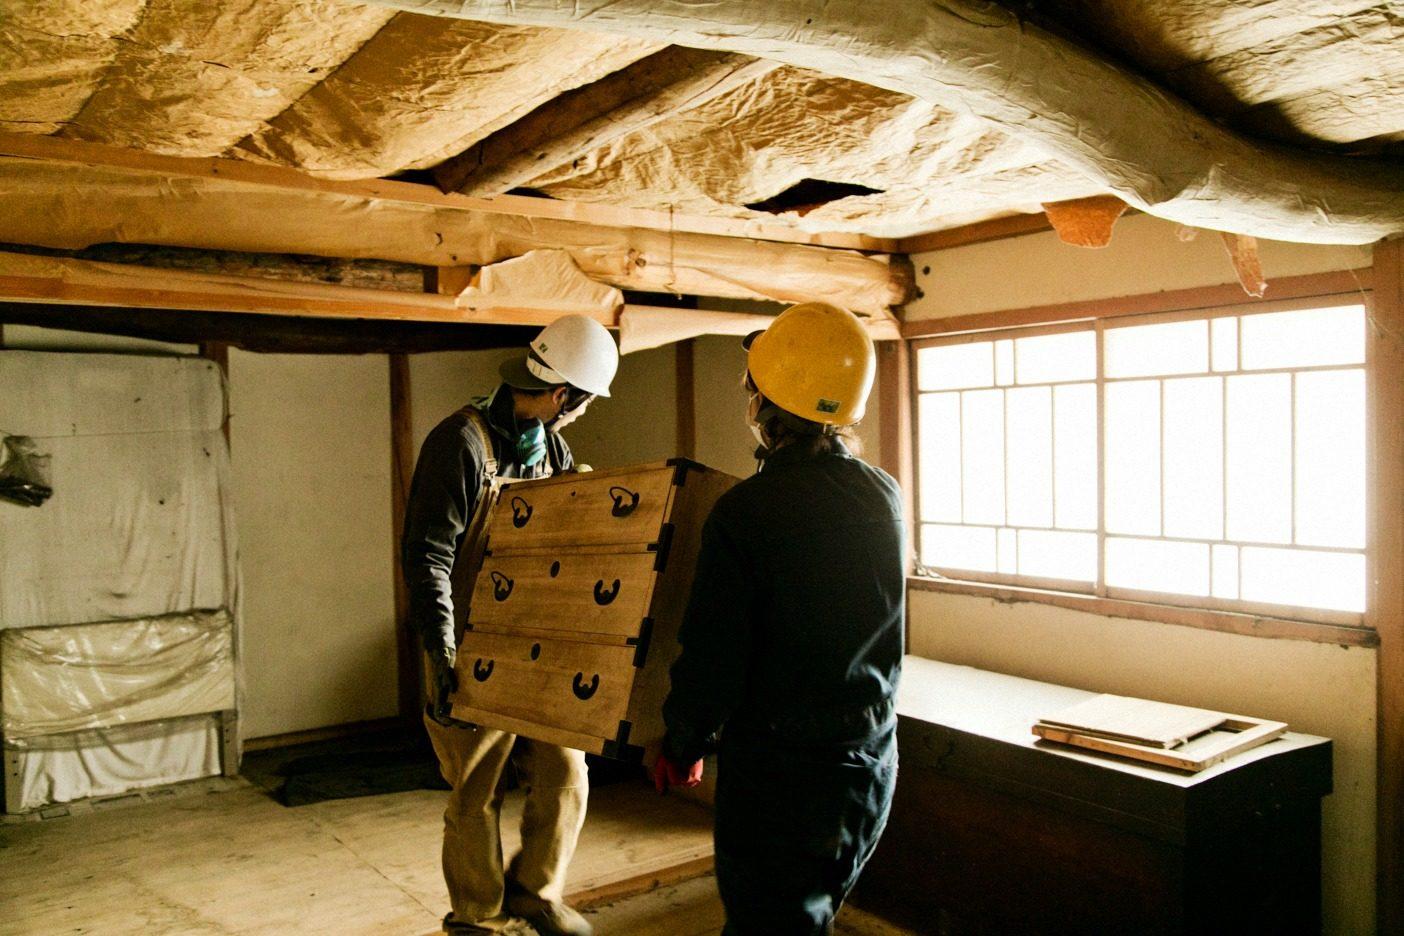 建具や床板のほか、古道具や農具をレスキューすることも。この家からは軽トラック1台分の古道具を救い出した。写真:五十嵐 一晴